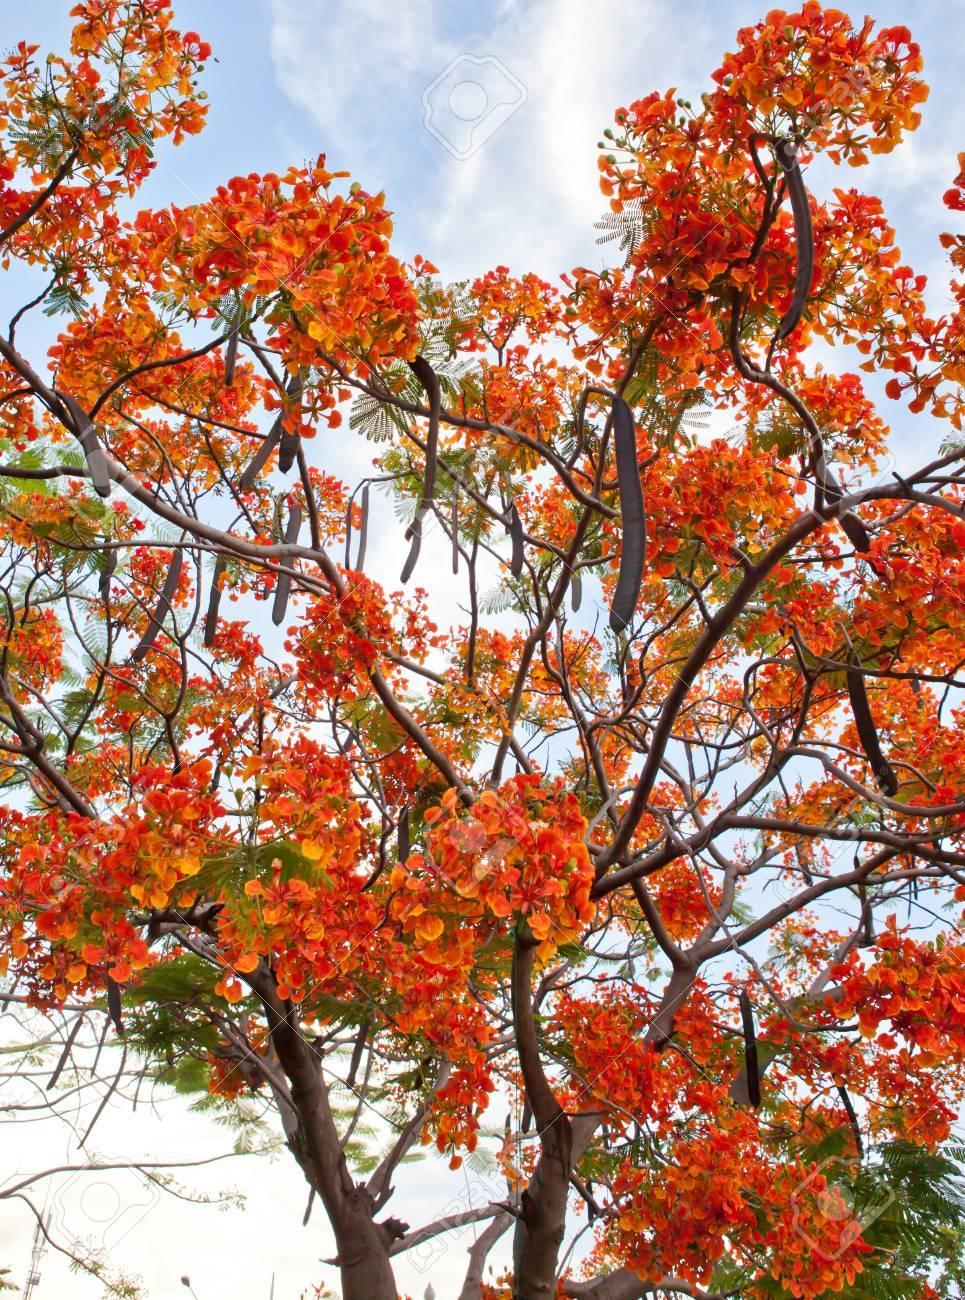 Peaceably Royal Poinciana Tree Hawaii Royal Poinciana Tree Bonsai Thailand Stock Thailand Stock Photo Royal Poinciana Tree Royal Poinciana Tree houzz 01 Royal Poinciana Tree